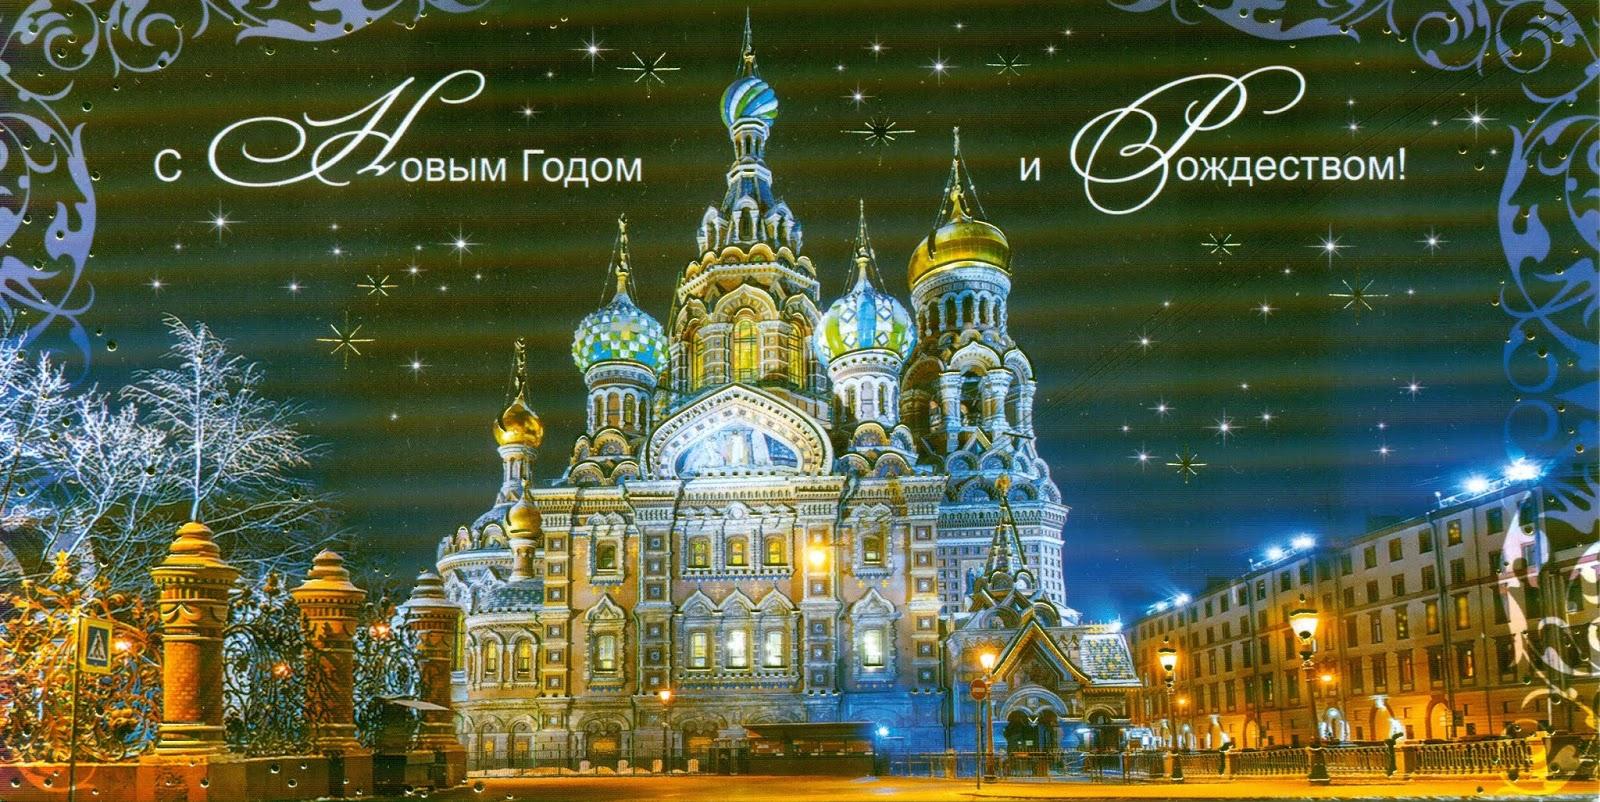 Пожелание, открытка новый год спб